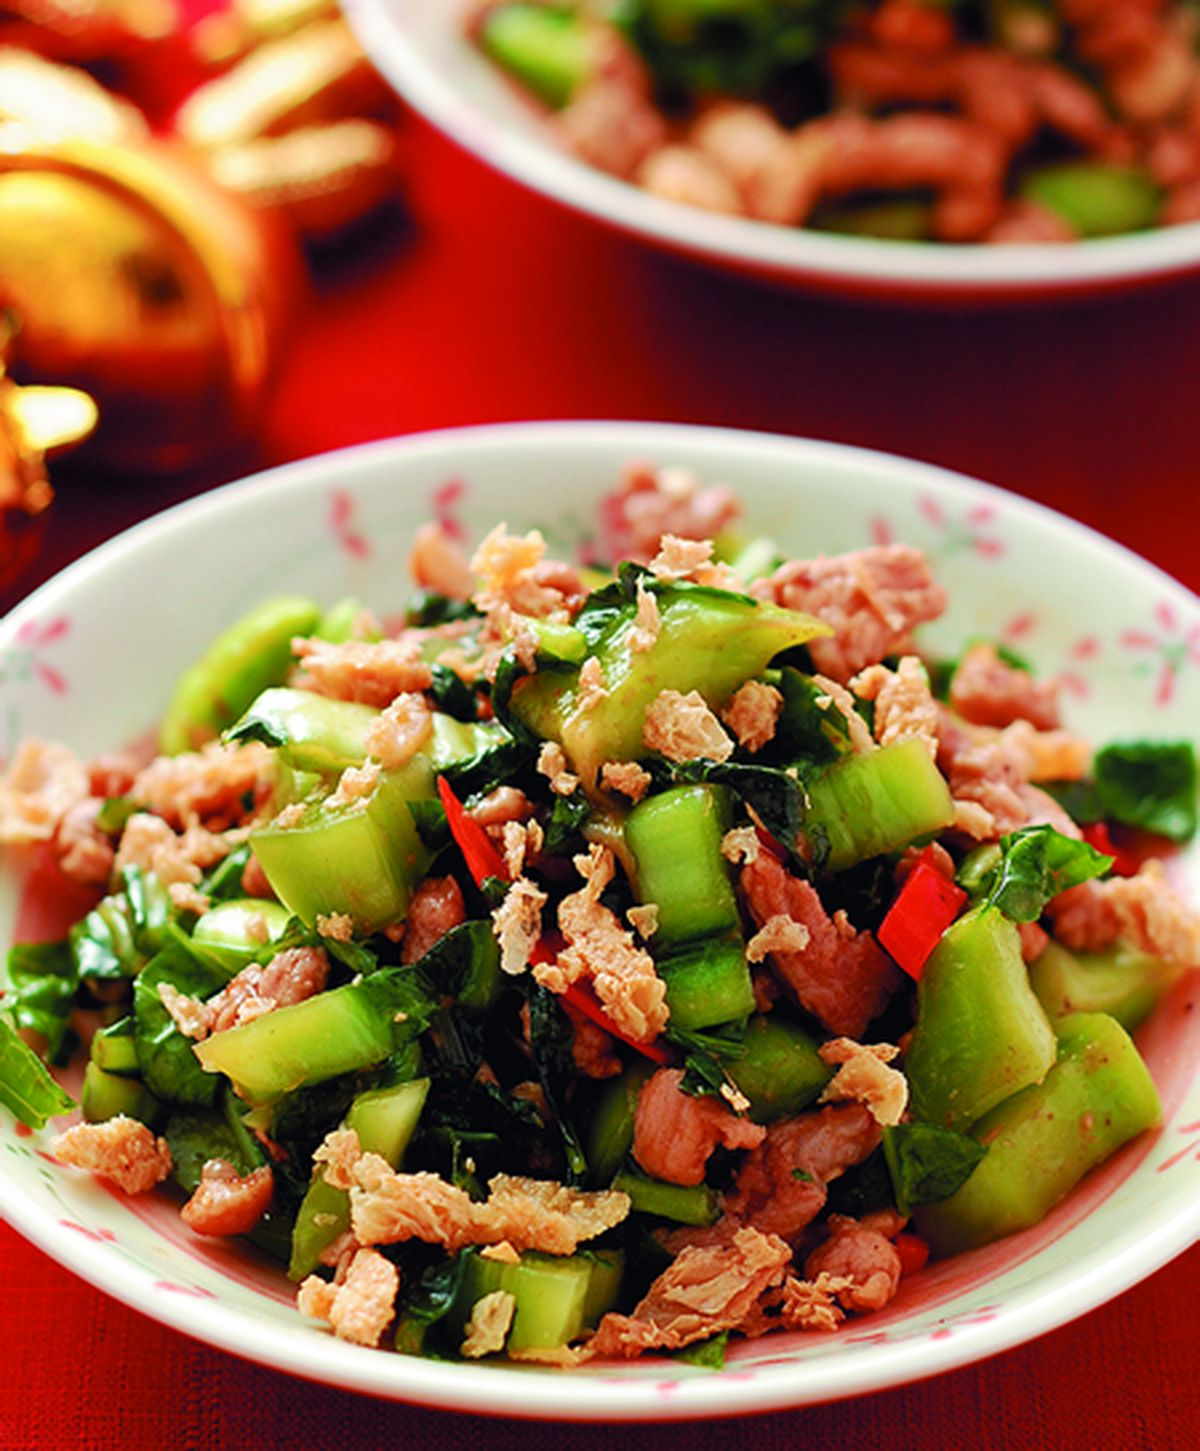 食譜:腐皮雪菜